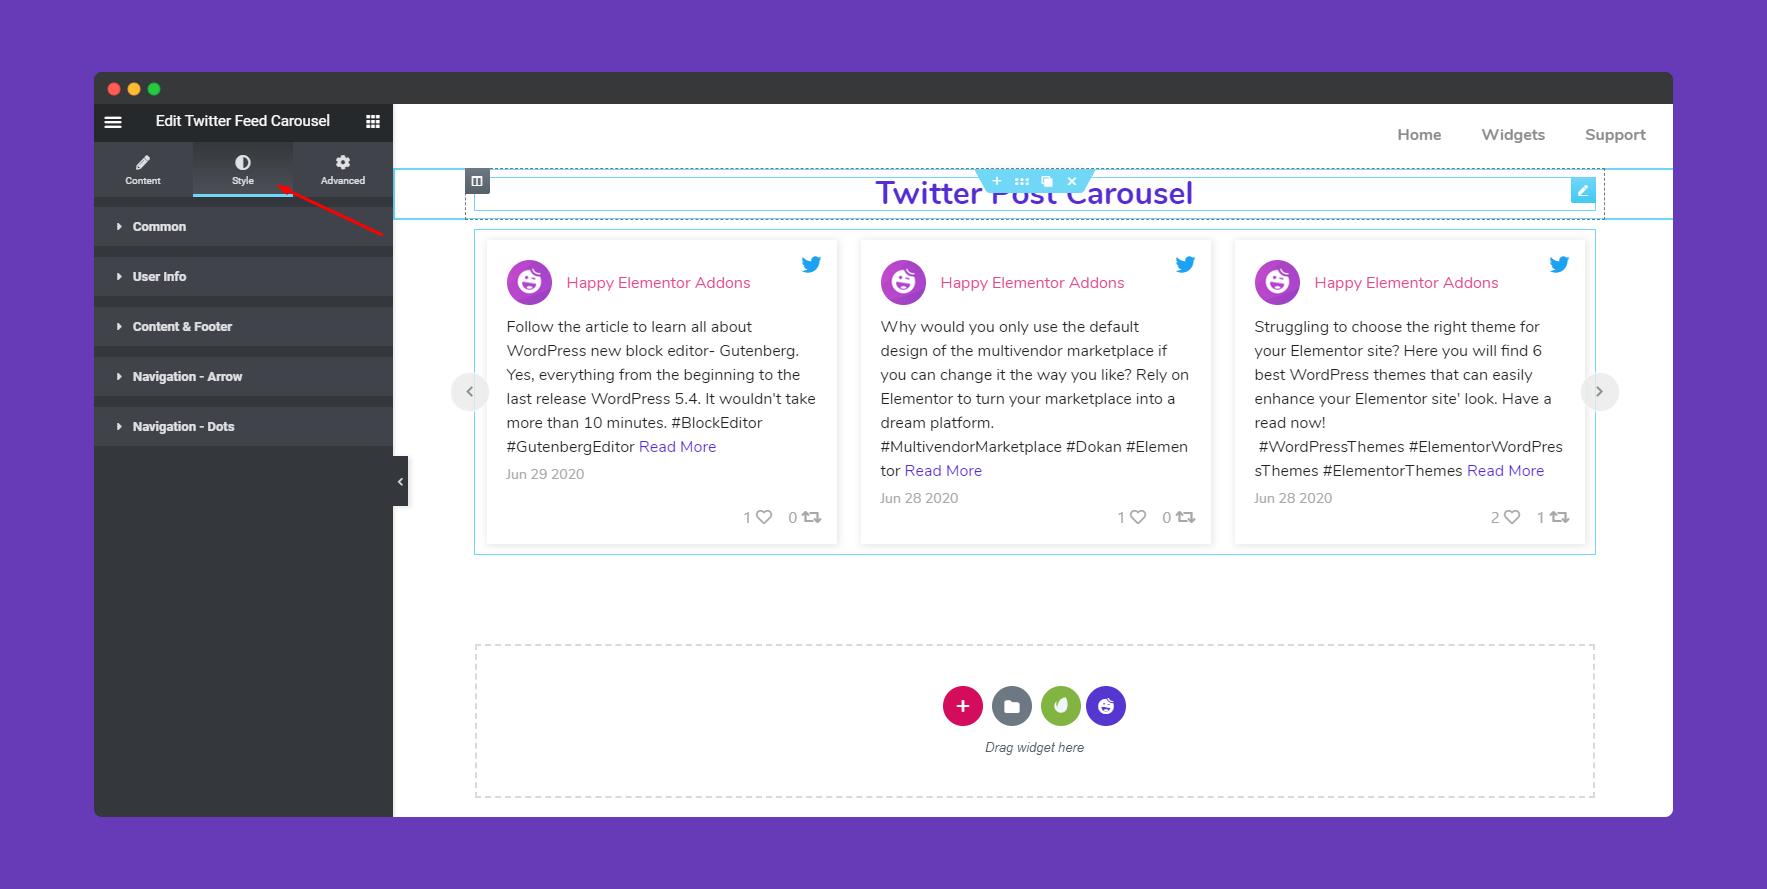 Stylize Twitter Feed Carousel Widget